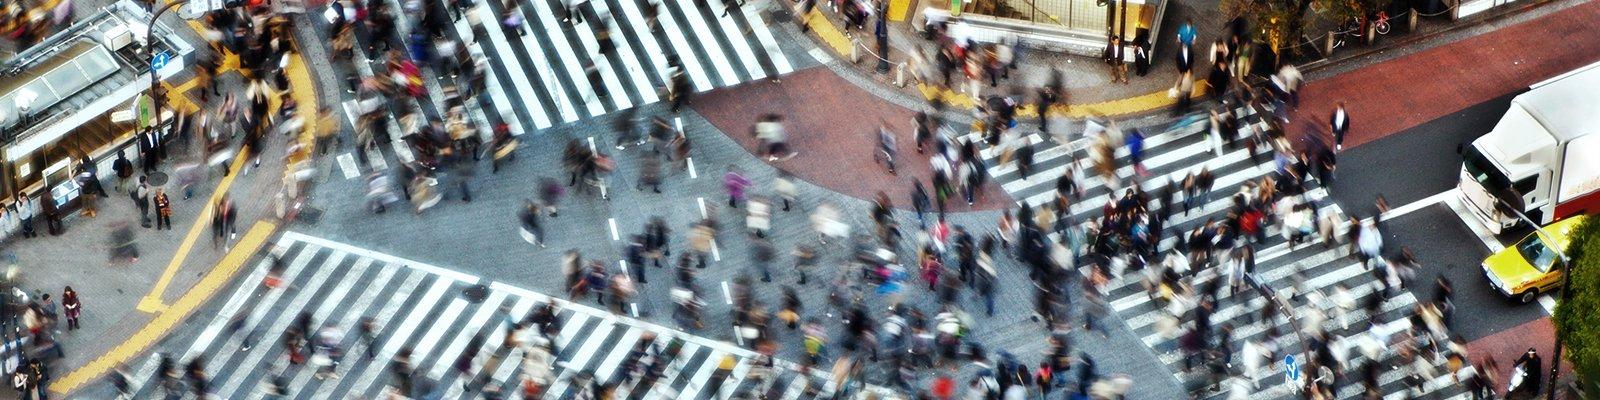 Shibuya crossing met veel voetgangers op het kruispunt in Tokyo.